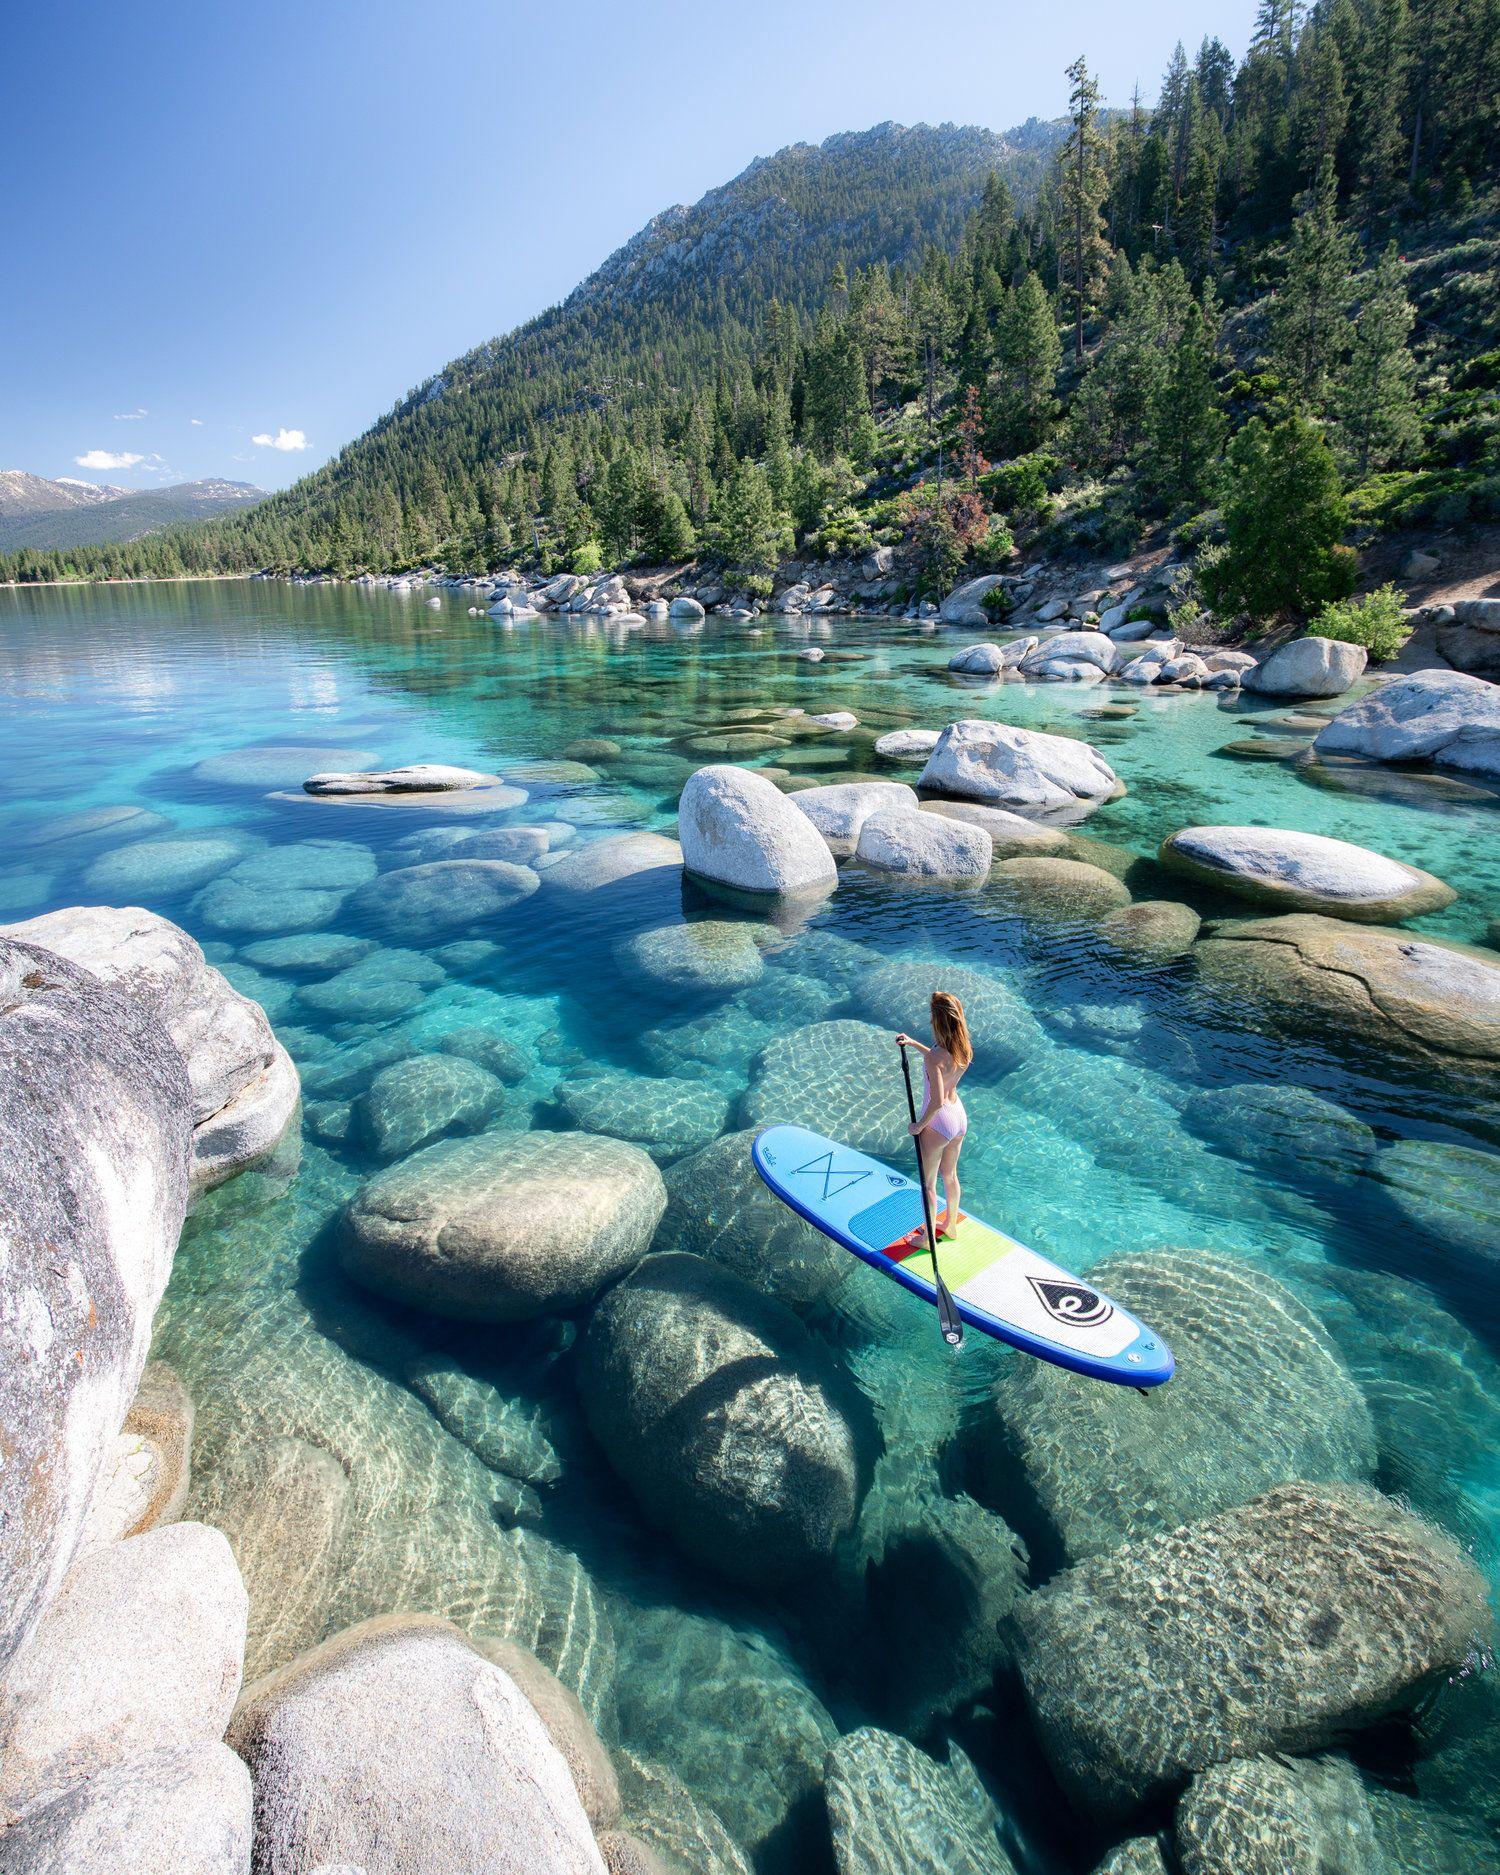 Lake Tahoe Summer Getaway: 72 Perfect Hours In Lake Tahoe